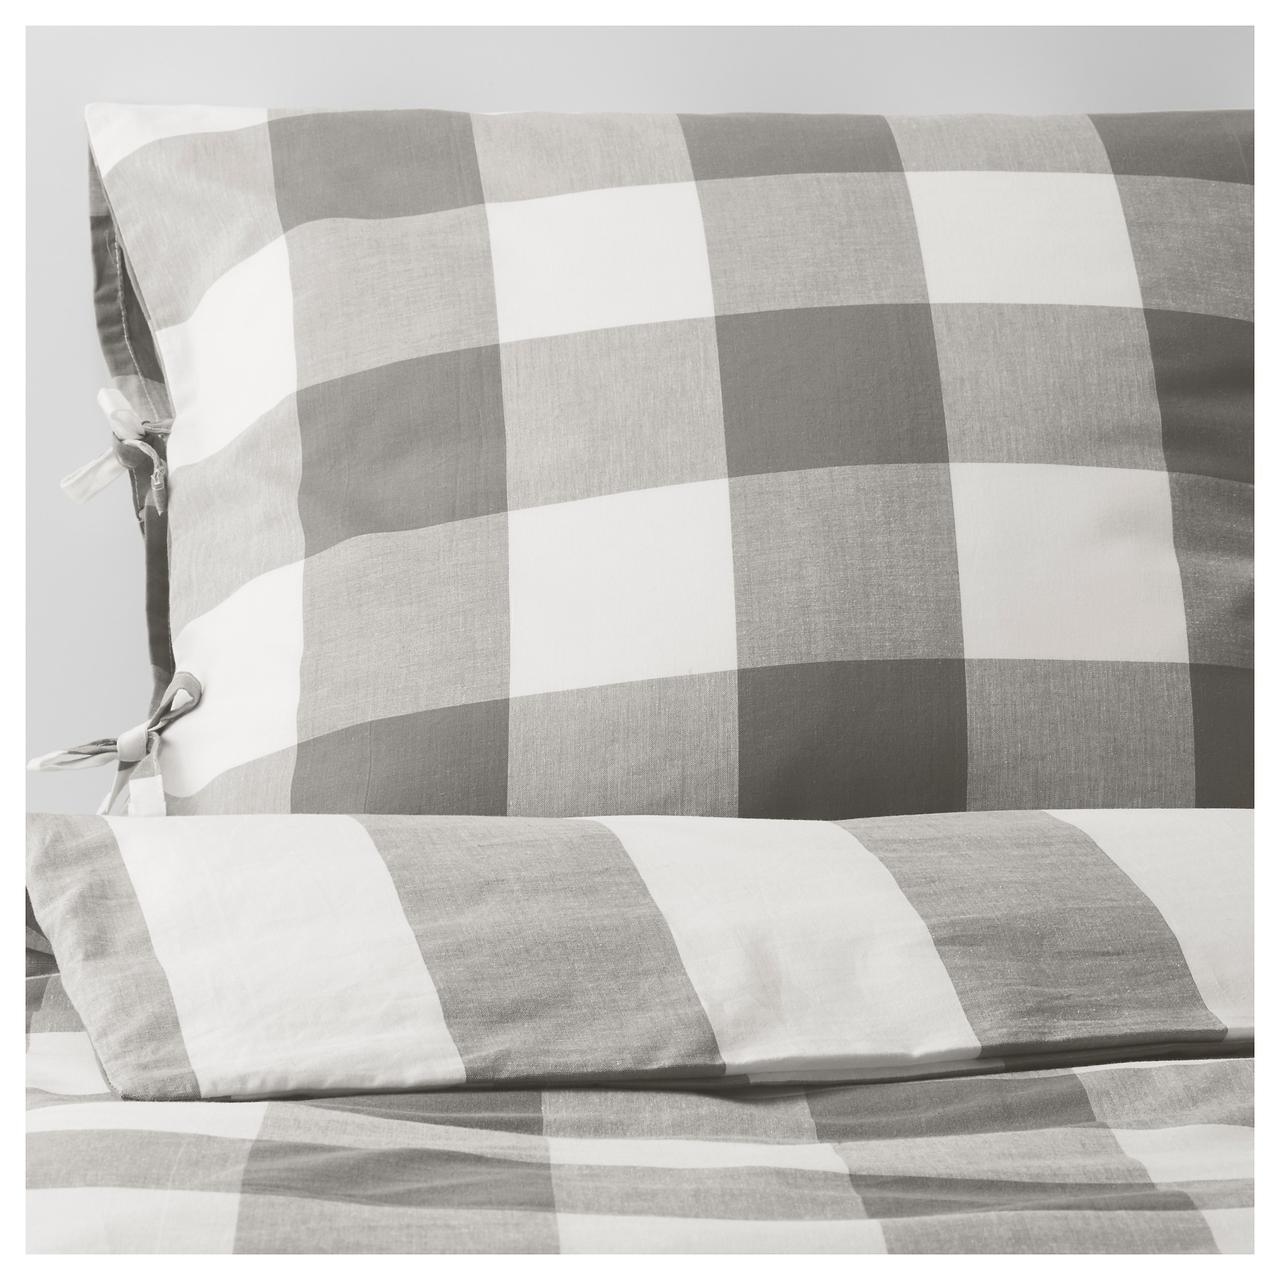 Комплект постельного белья IKEA EMMIE RUTA 200х220 см серый белый 404.049.66